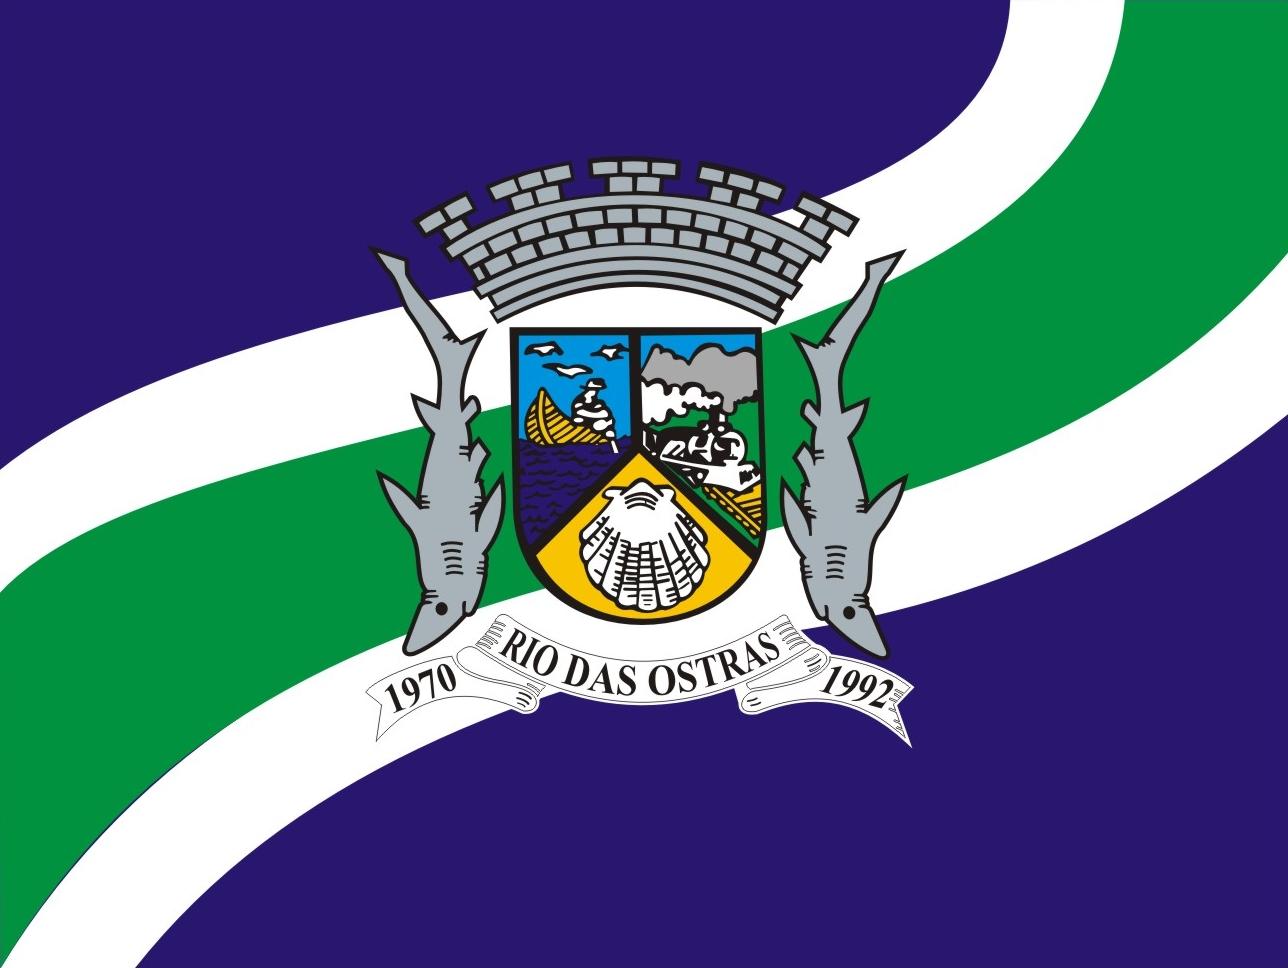 HIno de Rio das Ostras para download mp3 ou online.